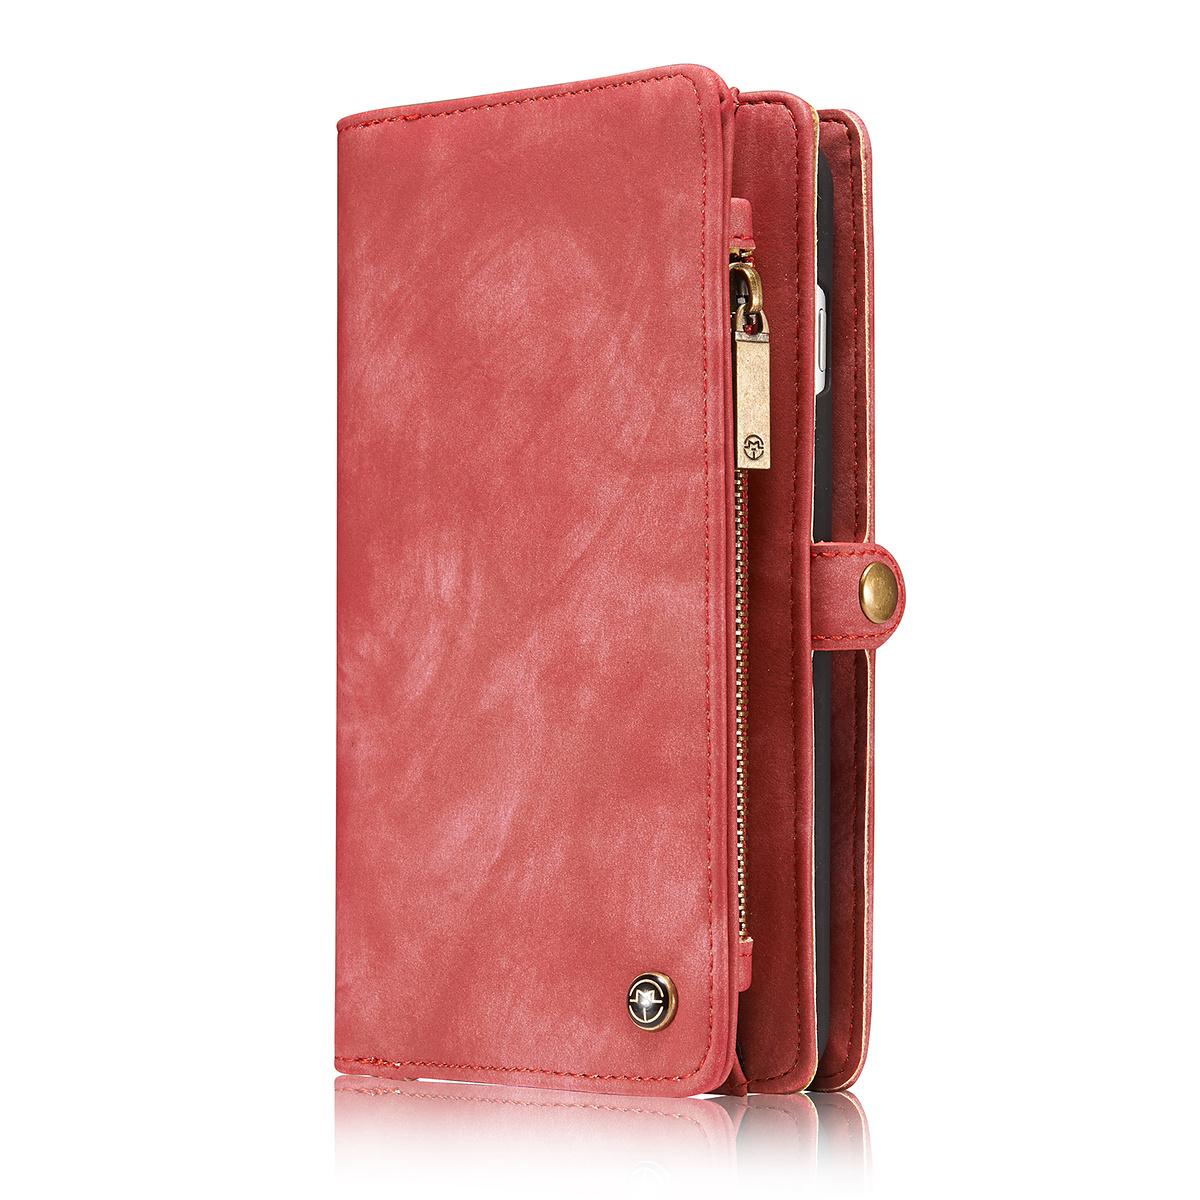 CaseMe plånboksfodral med magnetskal, iPhone 7/8 Plus, röd